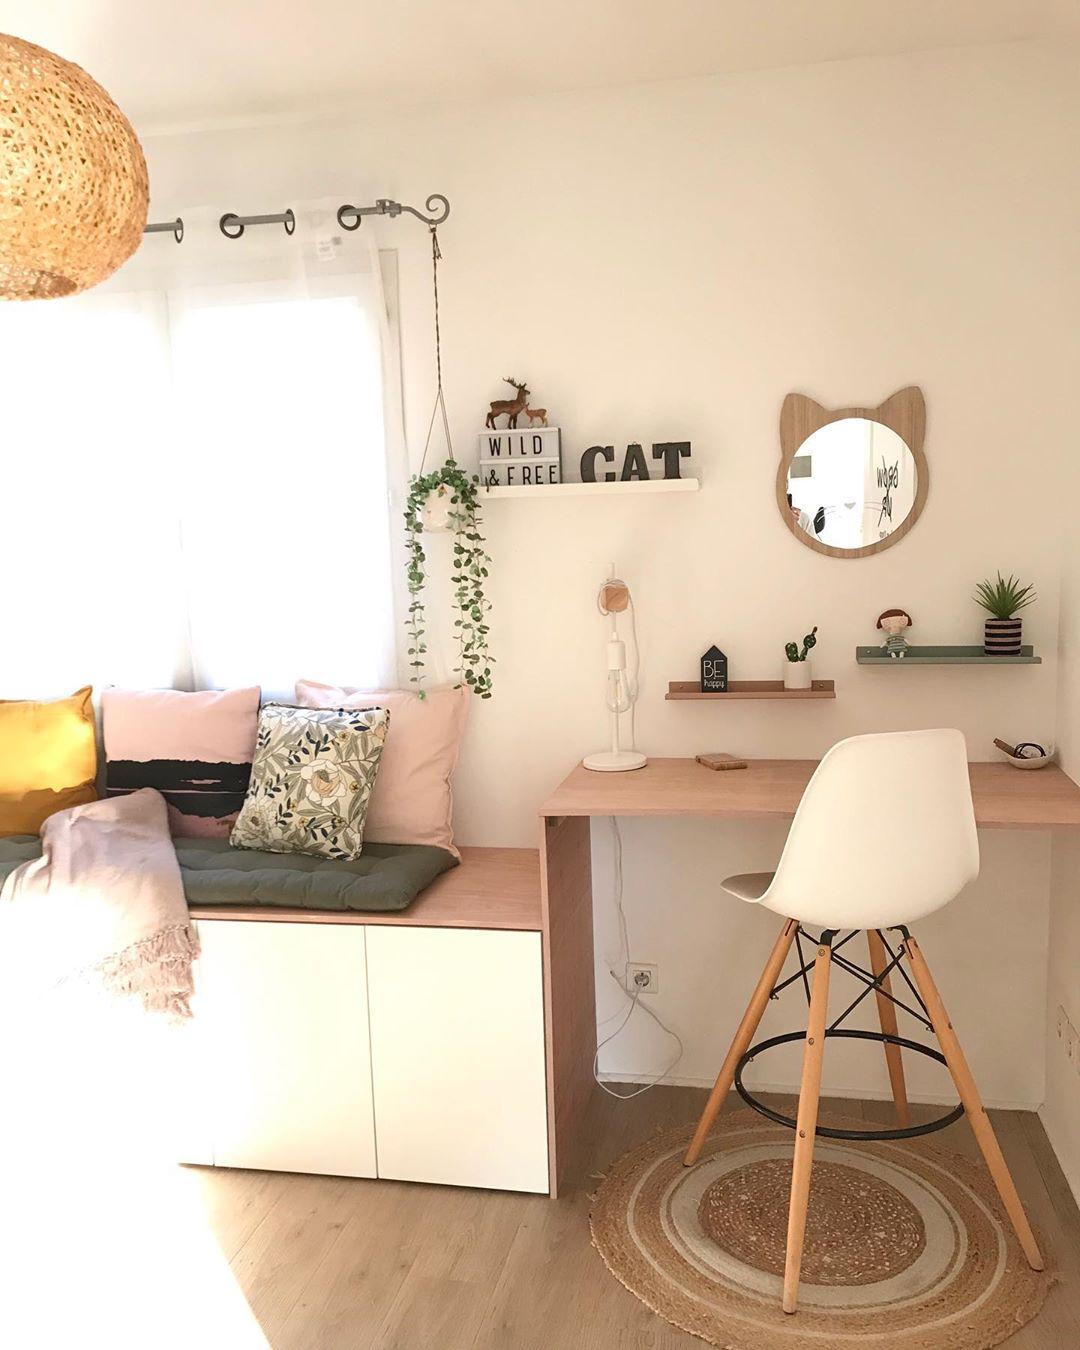 chambre bureau banquette bois tapis rond chaise haute style scandinave